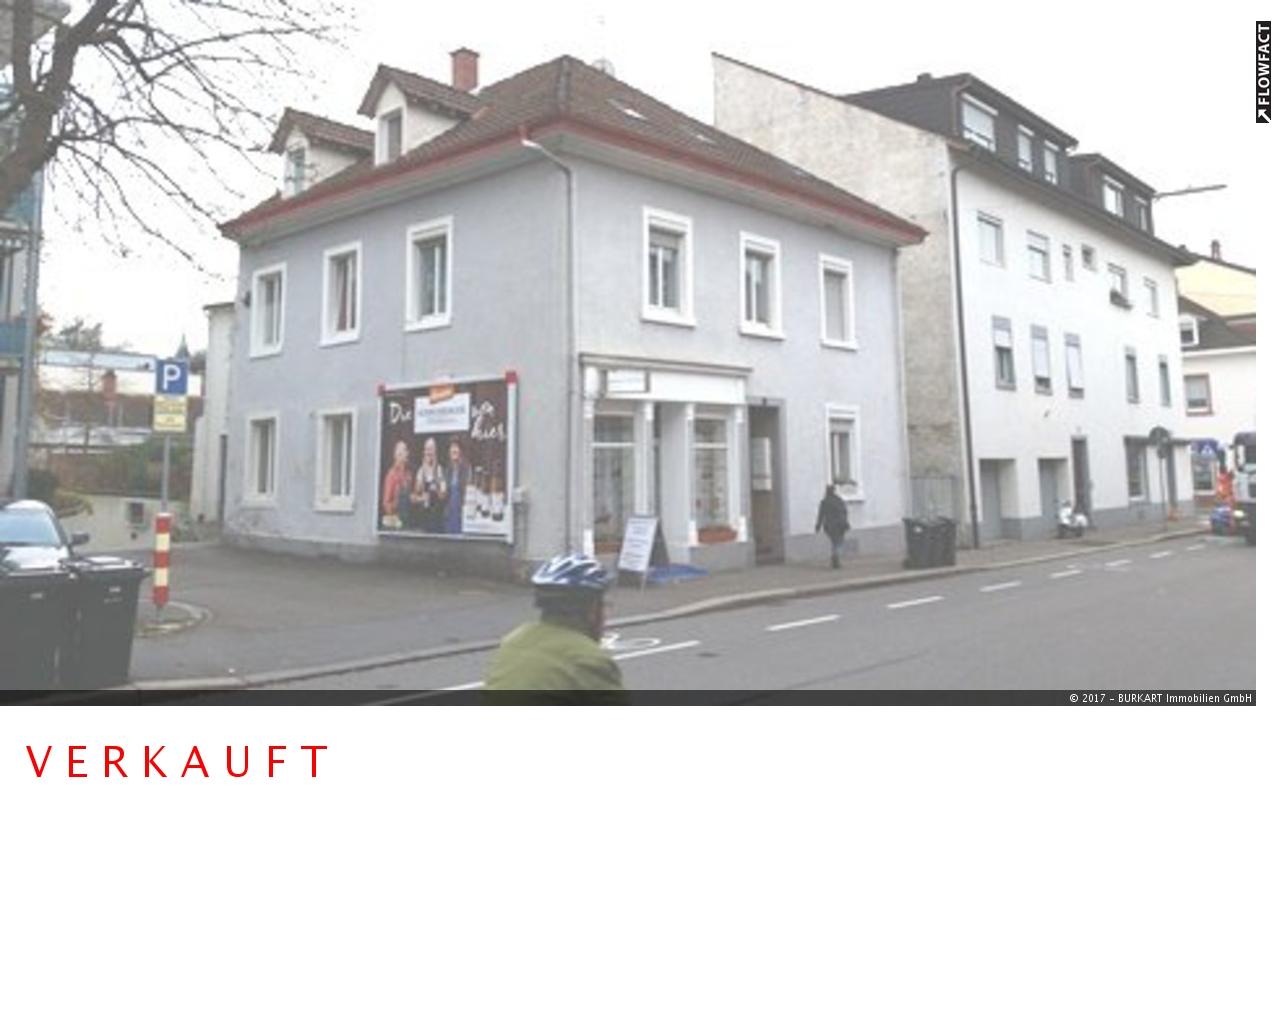 ++VERKAUFT++   6% Rendite – Mehrfamilienhaus in Lörrach, 79539 Lörrach, Mehrfamilienhaus